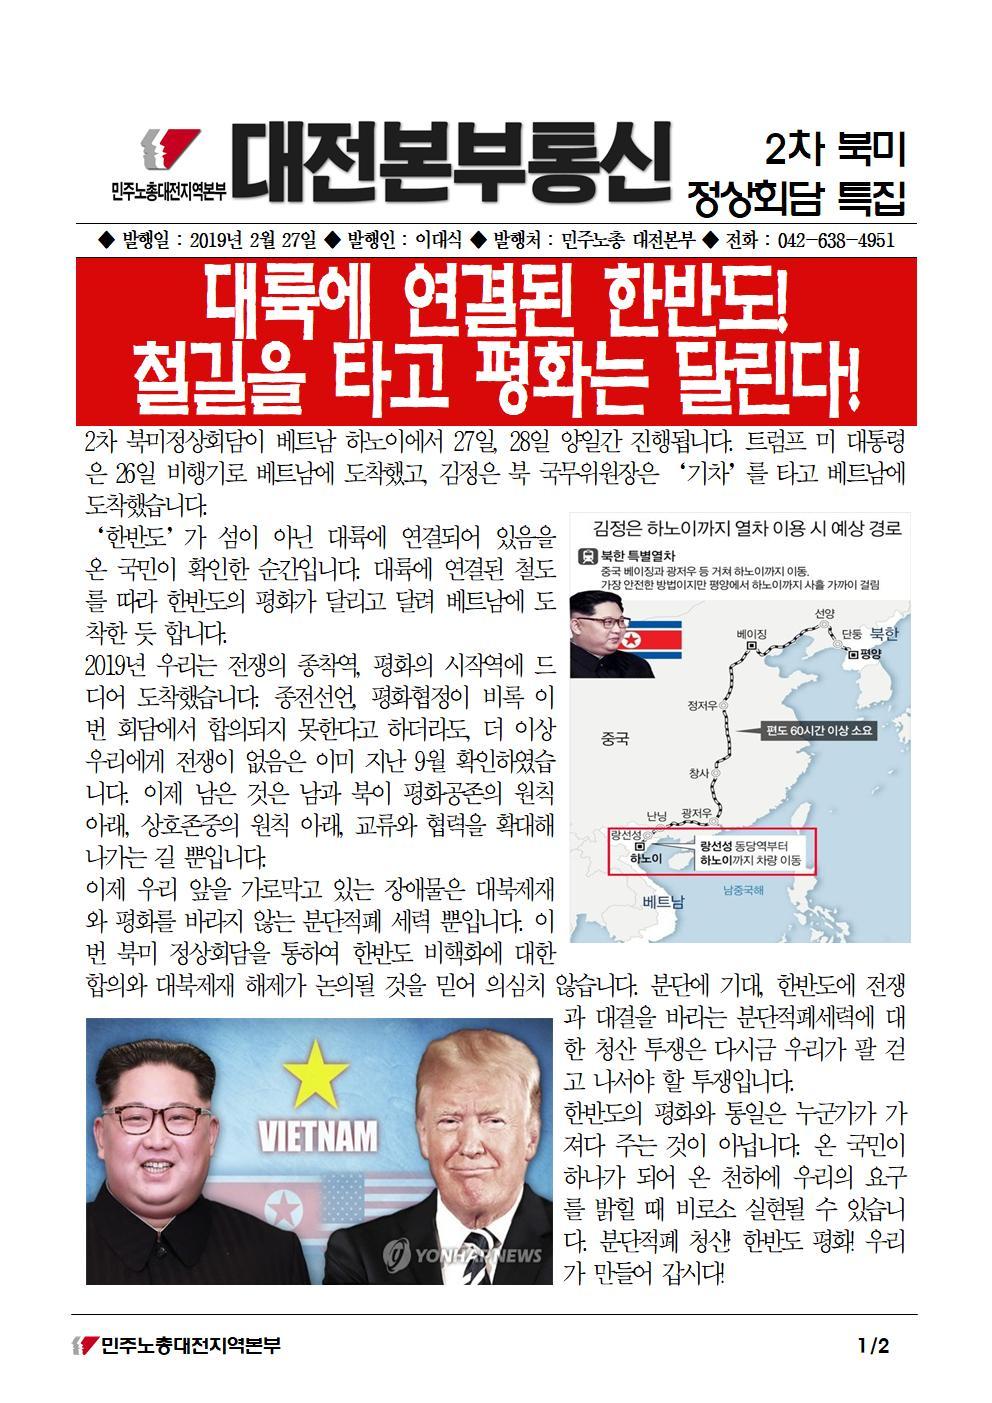 민주노총 대전본부 본부통신 19_2차 북미정상회담 특집